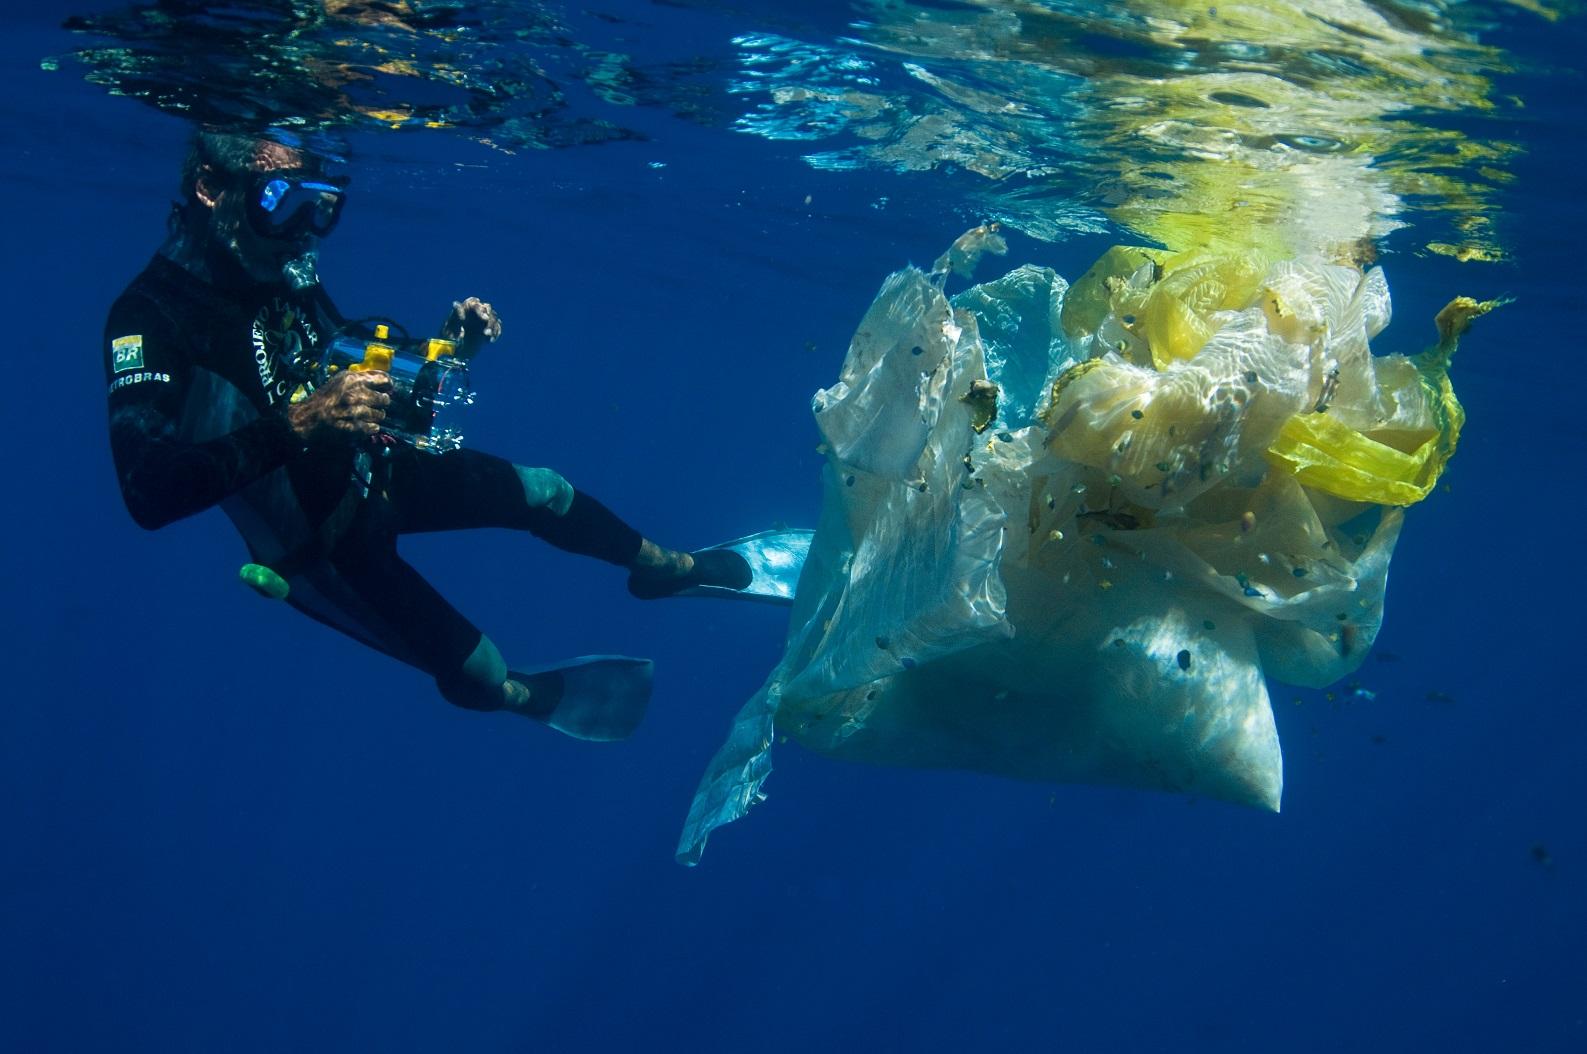 Para alcançar o mar, os filhotes precisam driblar os predadores naturais, os riscos de captura incidental por redes de pesca e o excesso de lixo plástico. Foto Fundação Pró-Tamar